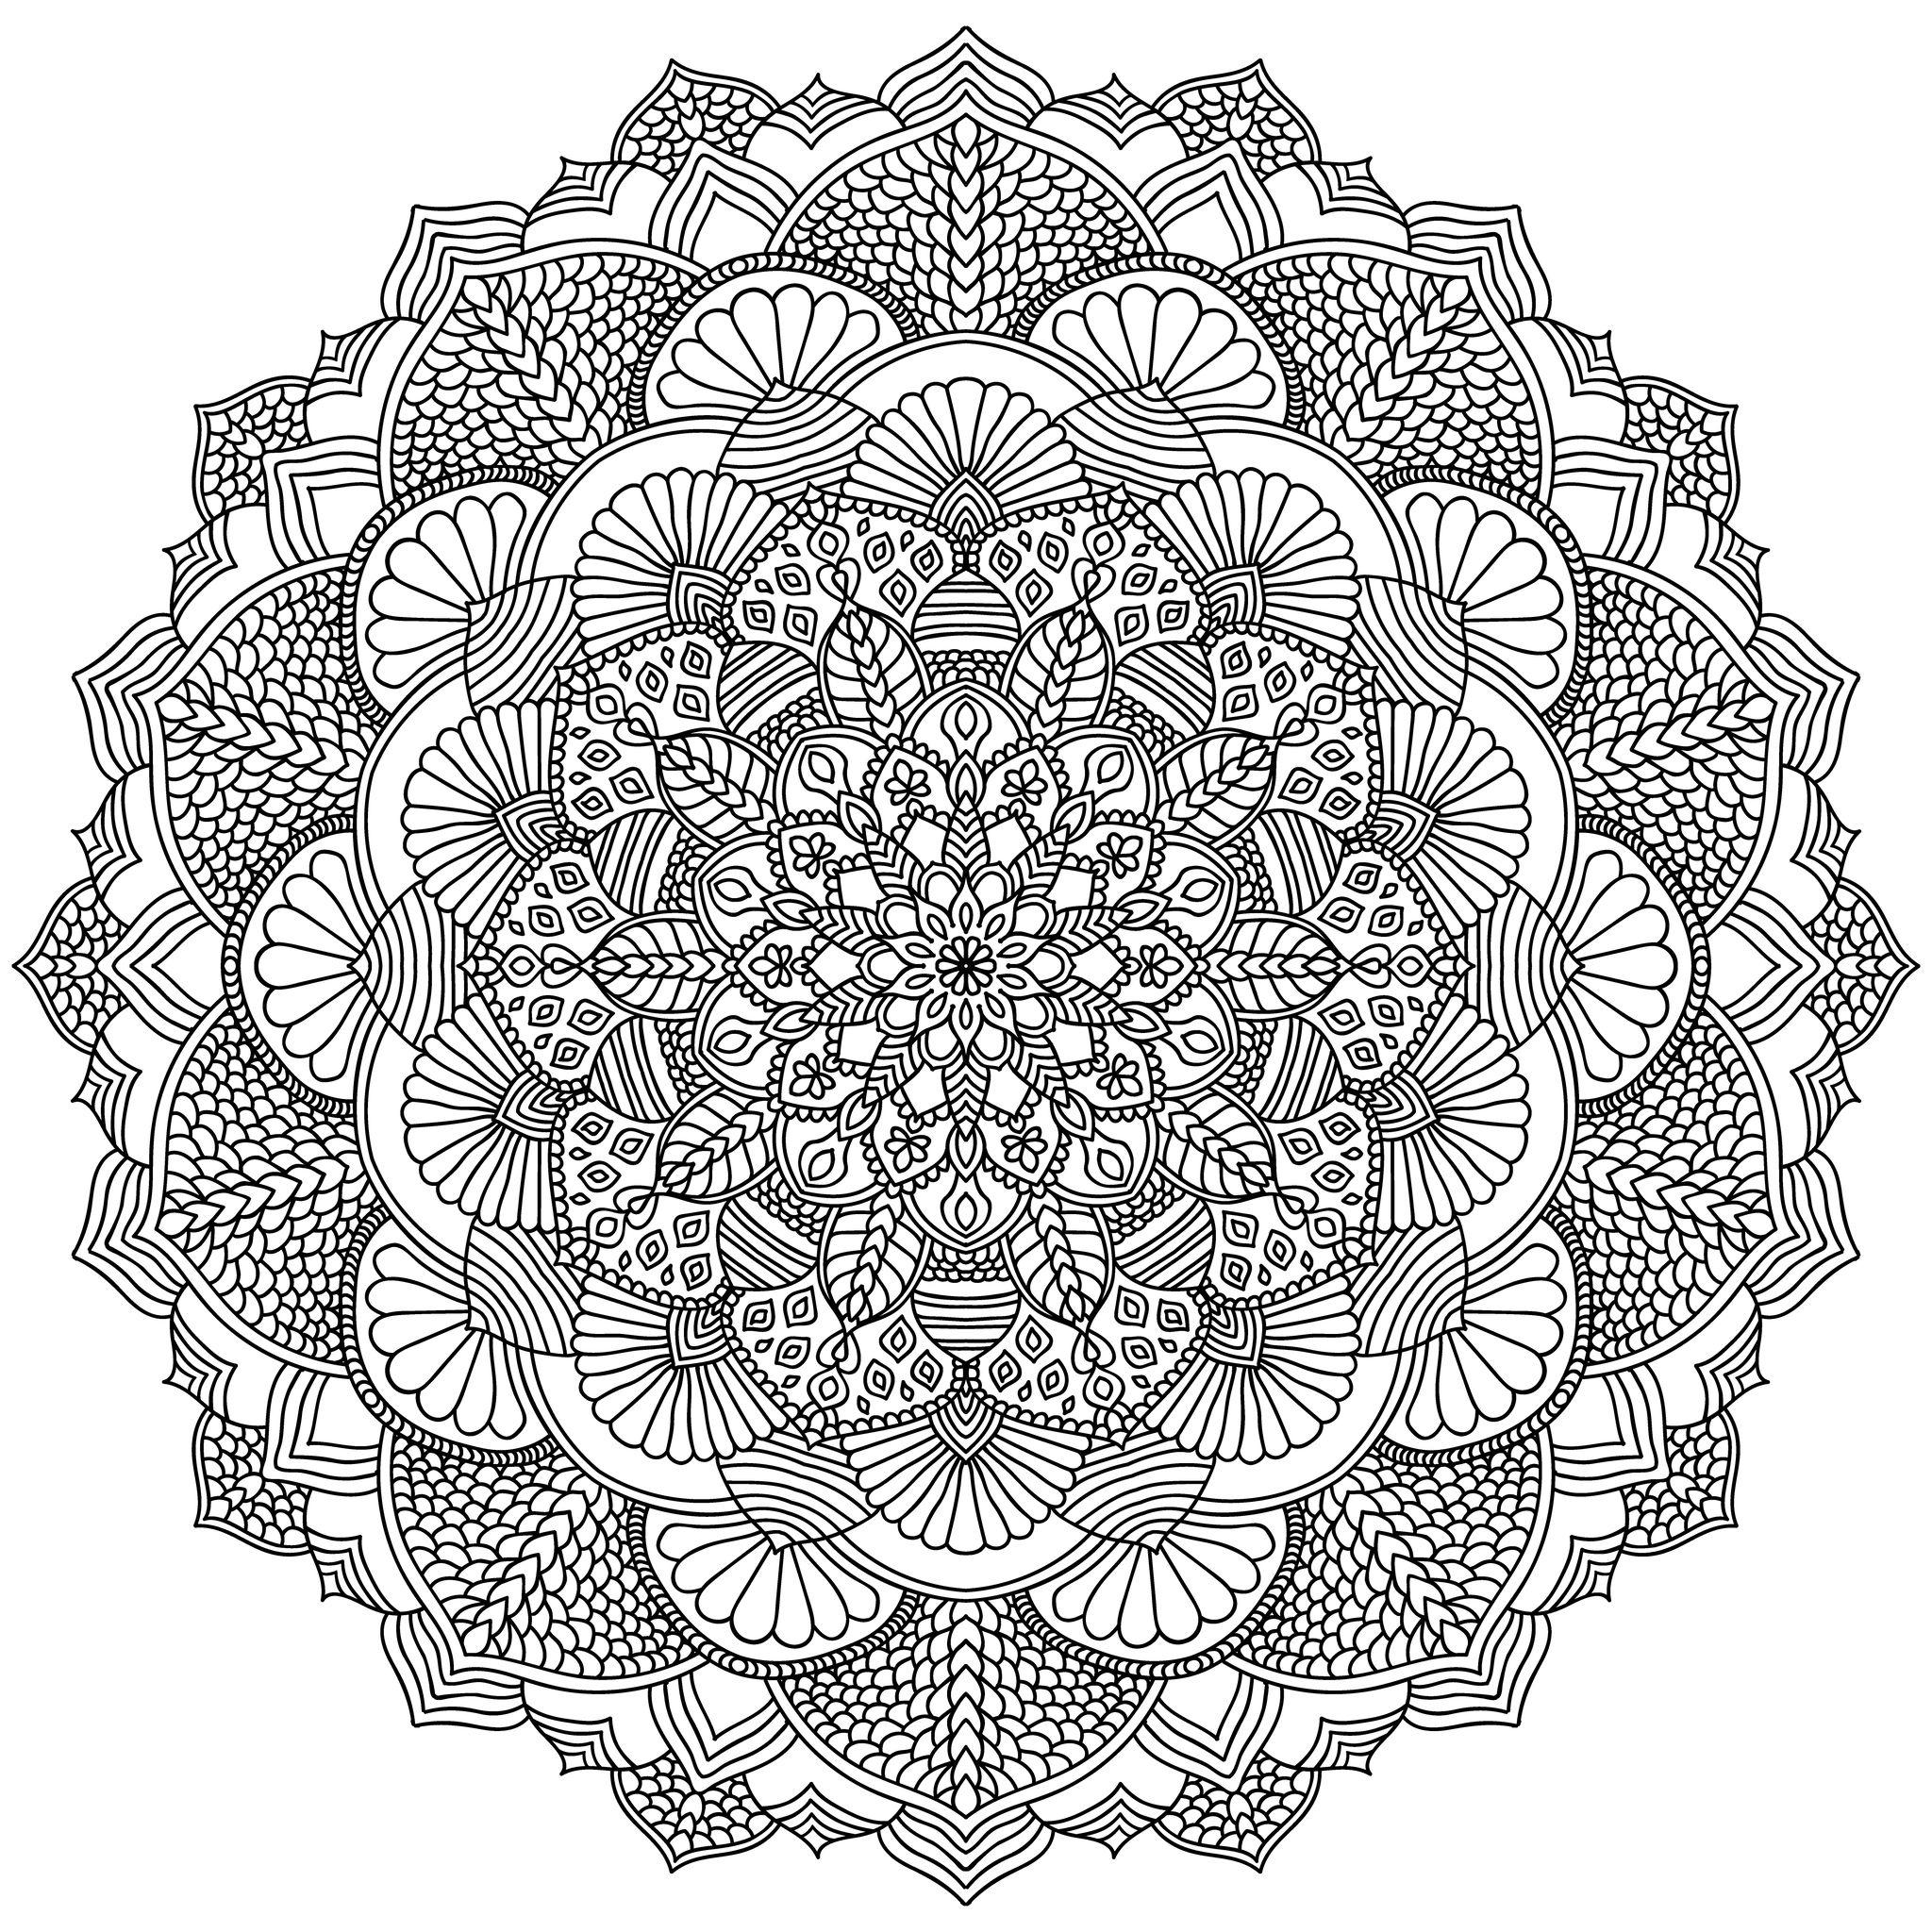 Mandala complexe aux motifs intriqués - Mandalas - Coloriages difficiles pour adultes